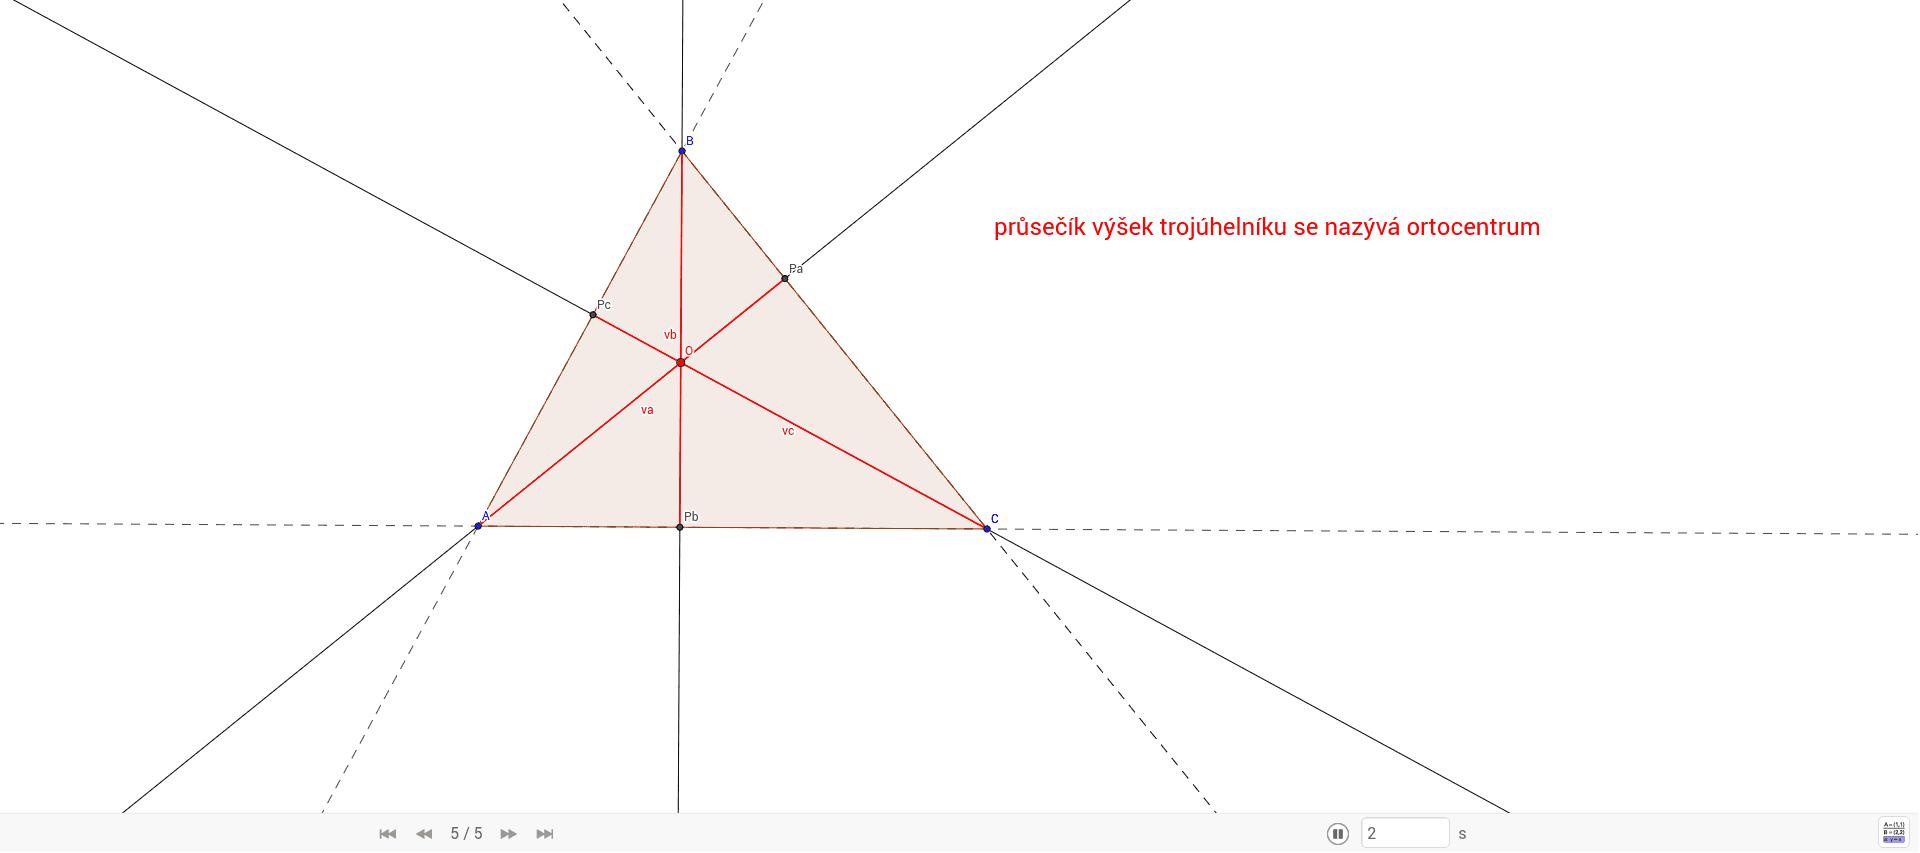 výška trojúhelníku je kolmá úsečka spuštěná z vrcholu trojúhelníku na protější stranu